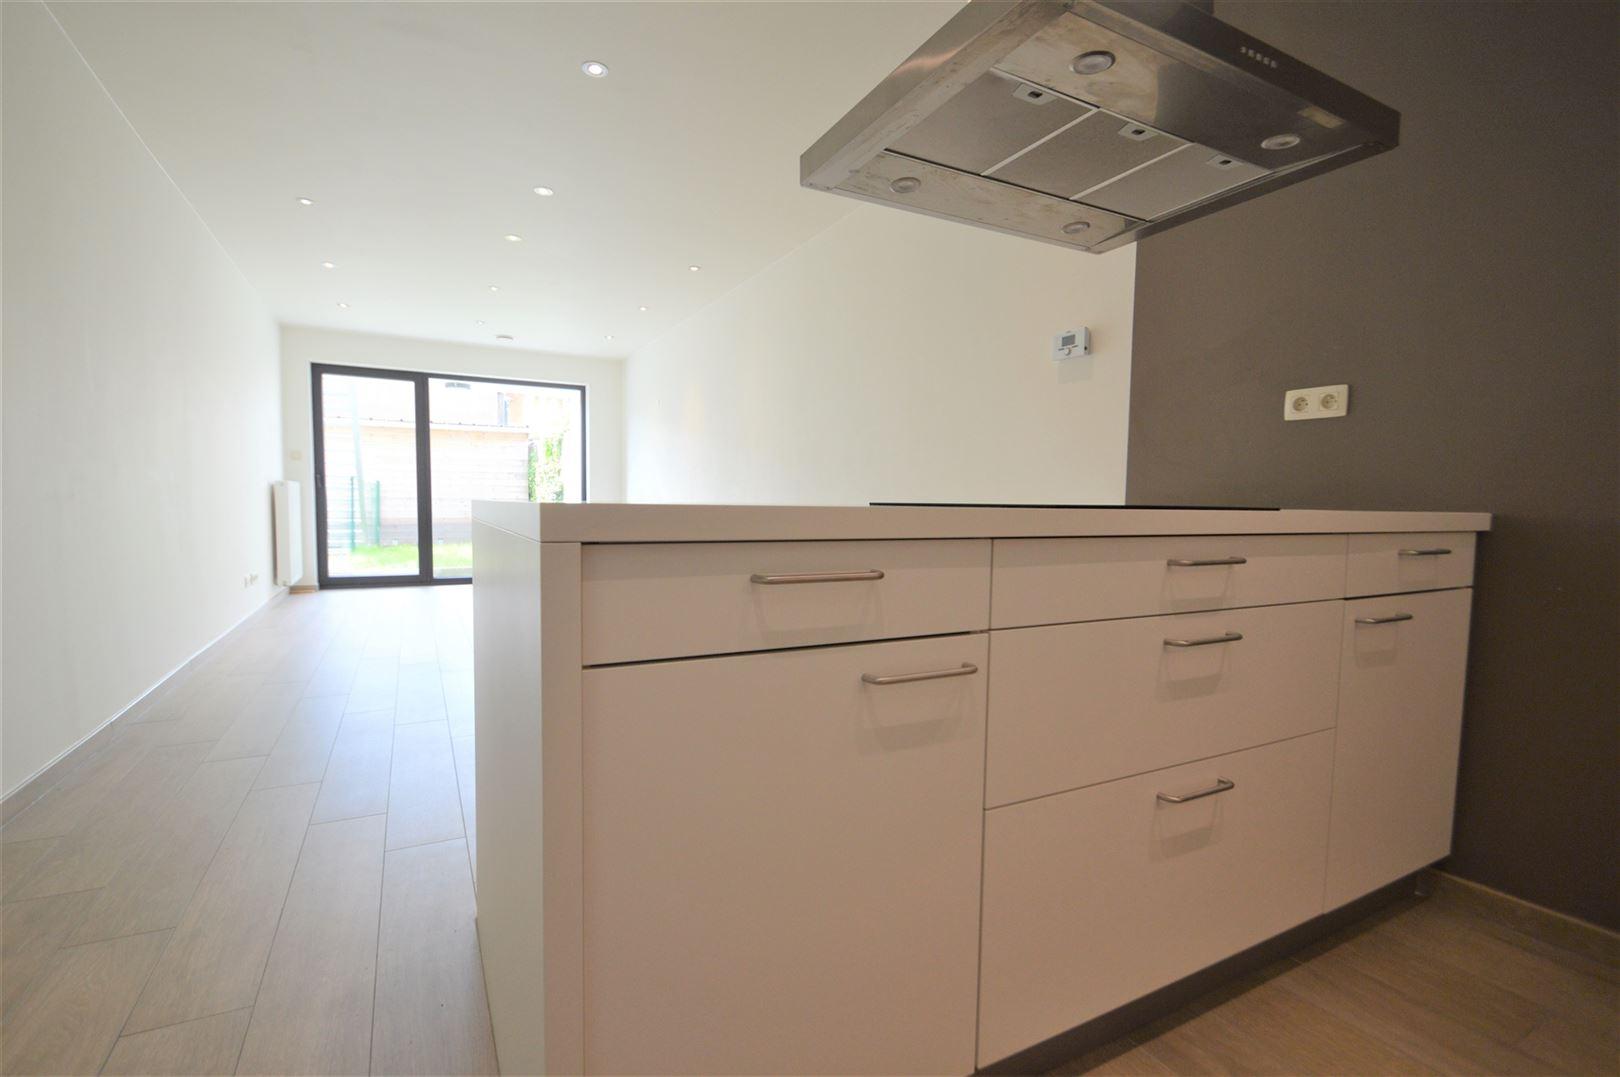 Foto 2 : Appartement te 9200 SINT-GILLIS-BIJ-DENDERMONDE (België) - Prijs € 775